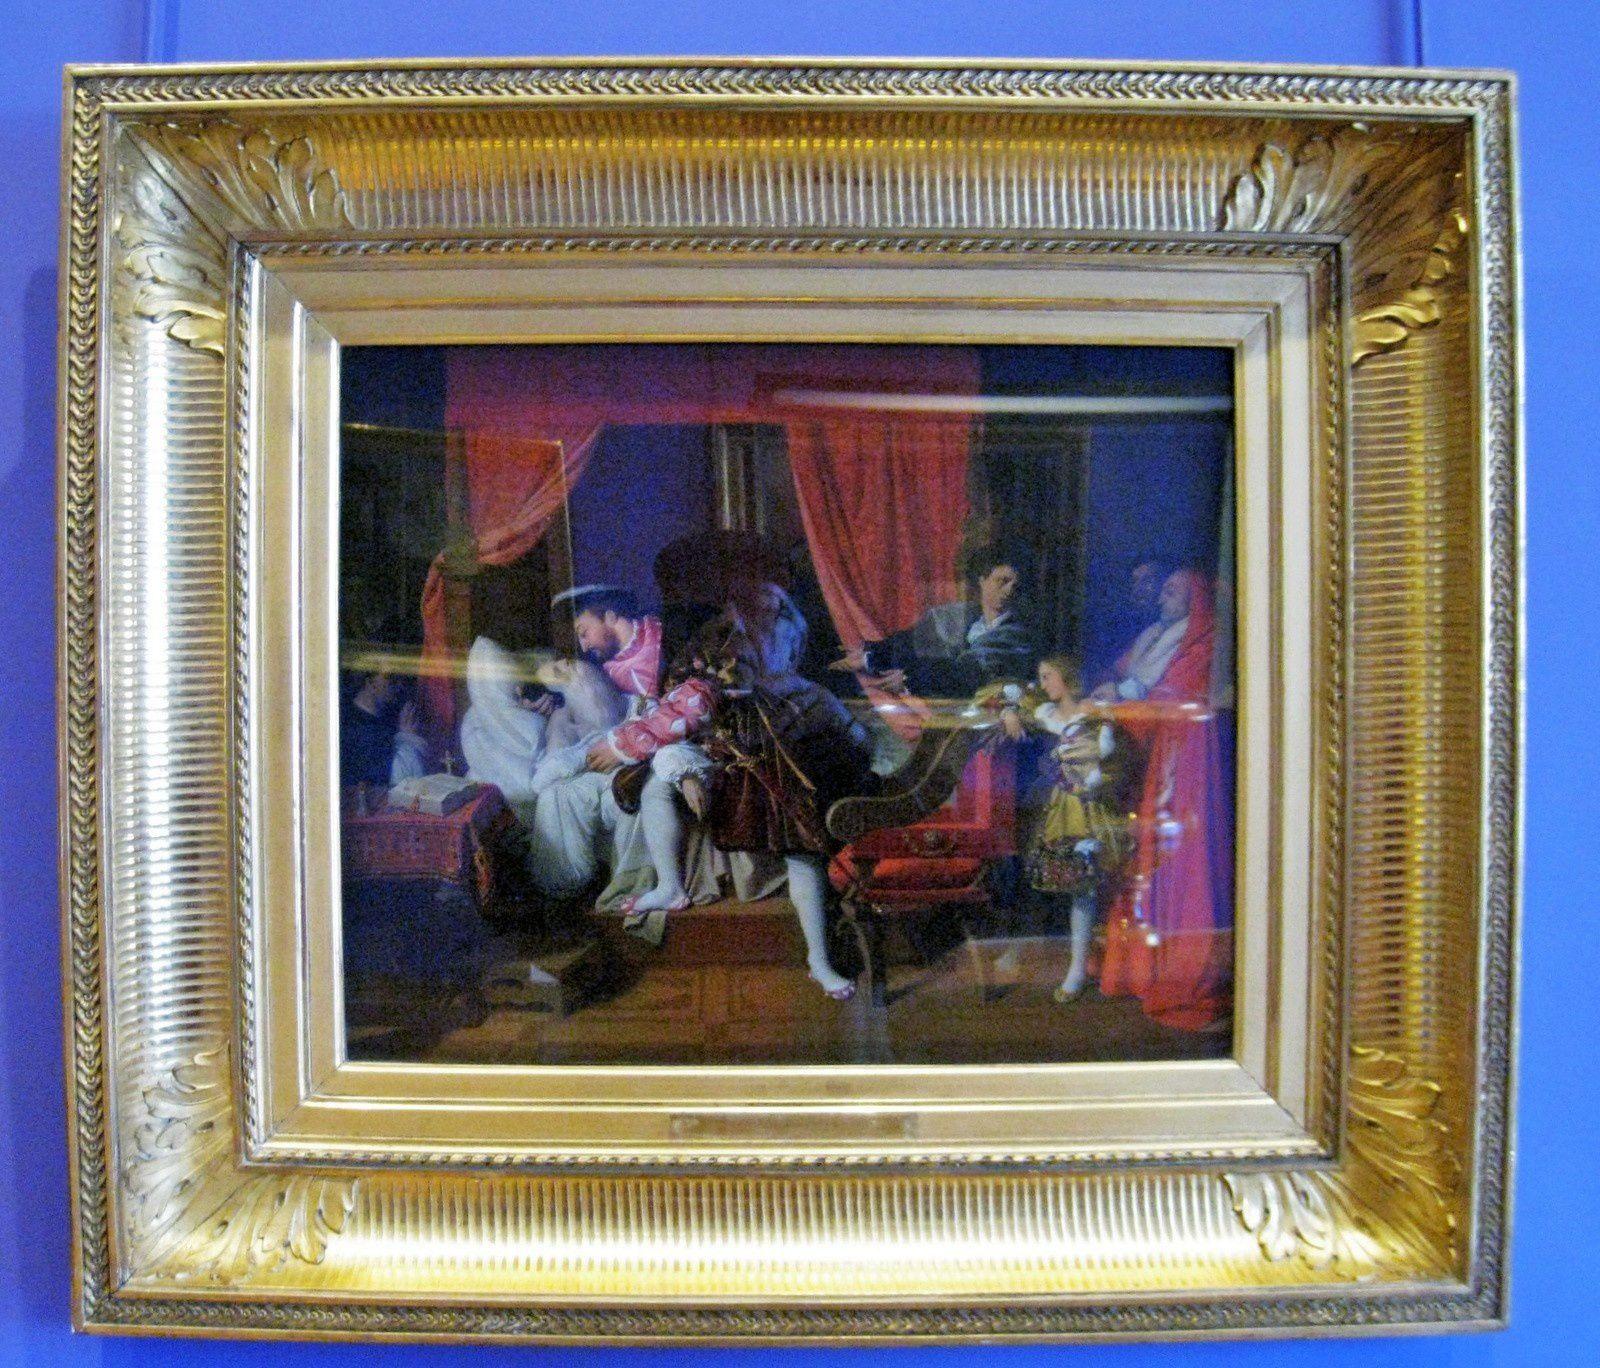 Jean-Auguste Ingres, François 1er reçoit les derniers soupirs de Léonard de Vinci